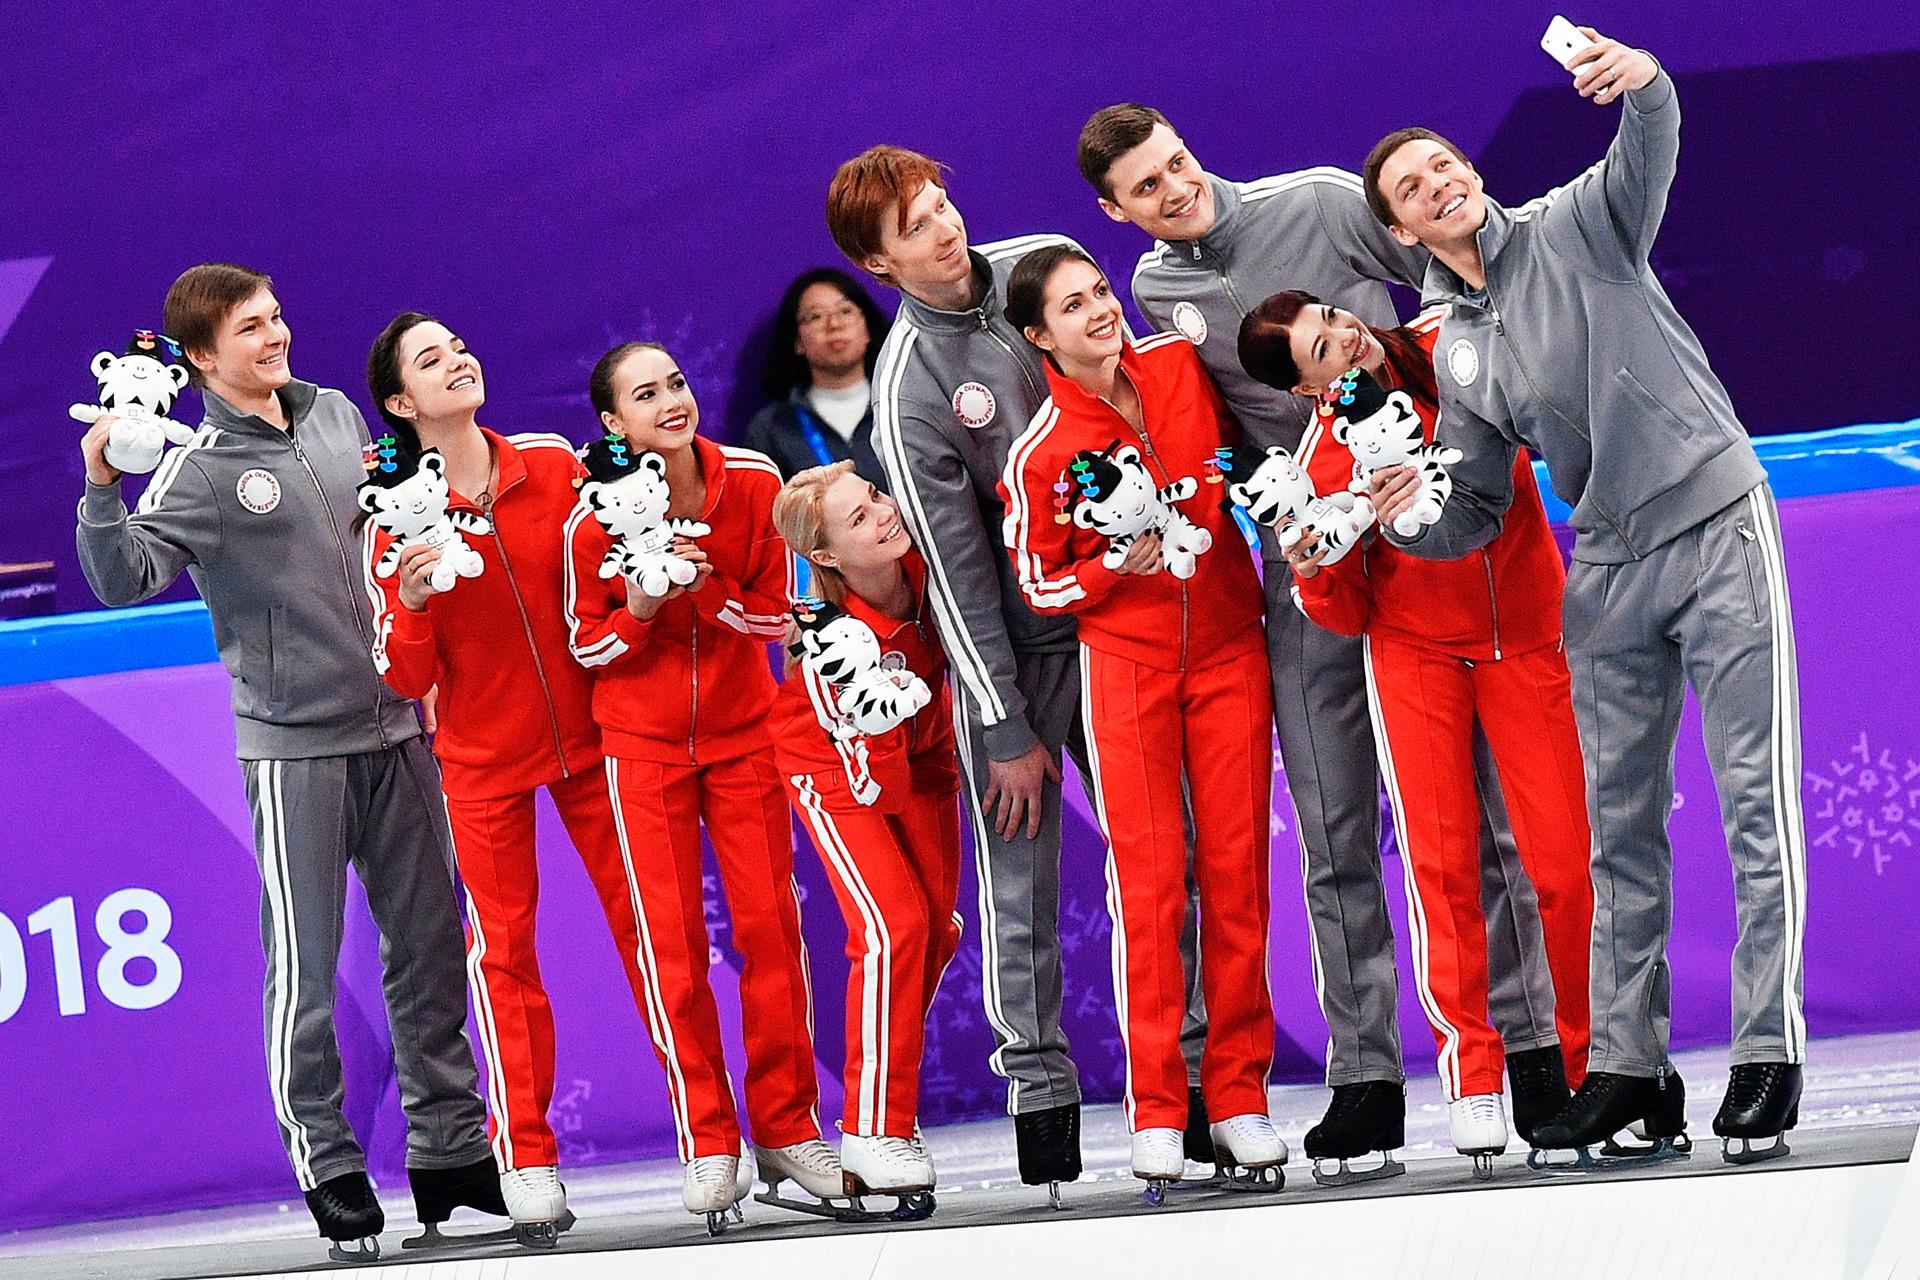 ロシアのフィギュアスケーター団体(左から右へ):ミハイル・コリャダ、エフゲニア・メドベージェワ、アリーナ・ザギトワ、エフゲニア・タラソワ、ウラジーミル・モロゾフ、ナタリア・ザビヤコ、アレクサンドル・エンベルト、エカテリーナ・ボブロワ、ドミトリー・ソロヴィヨフ。